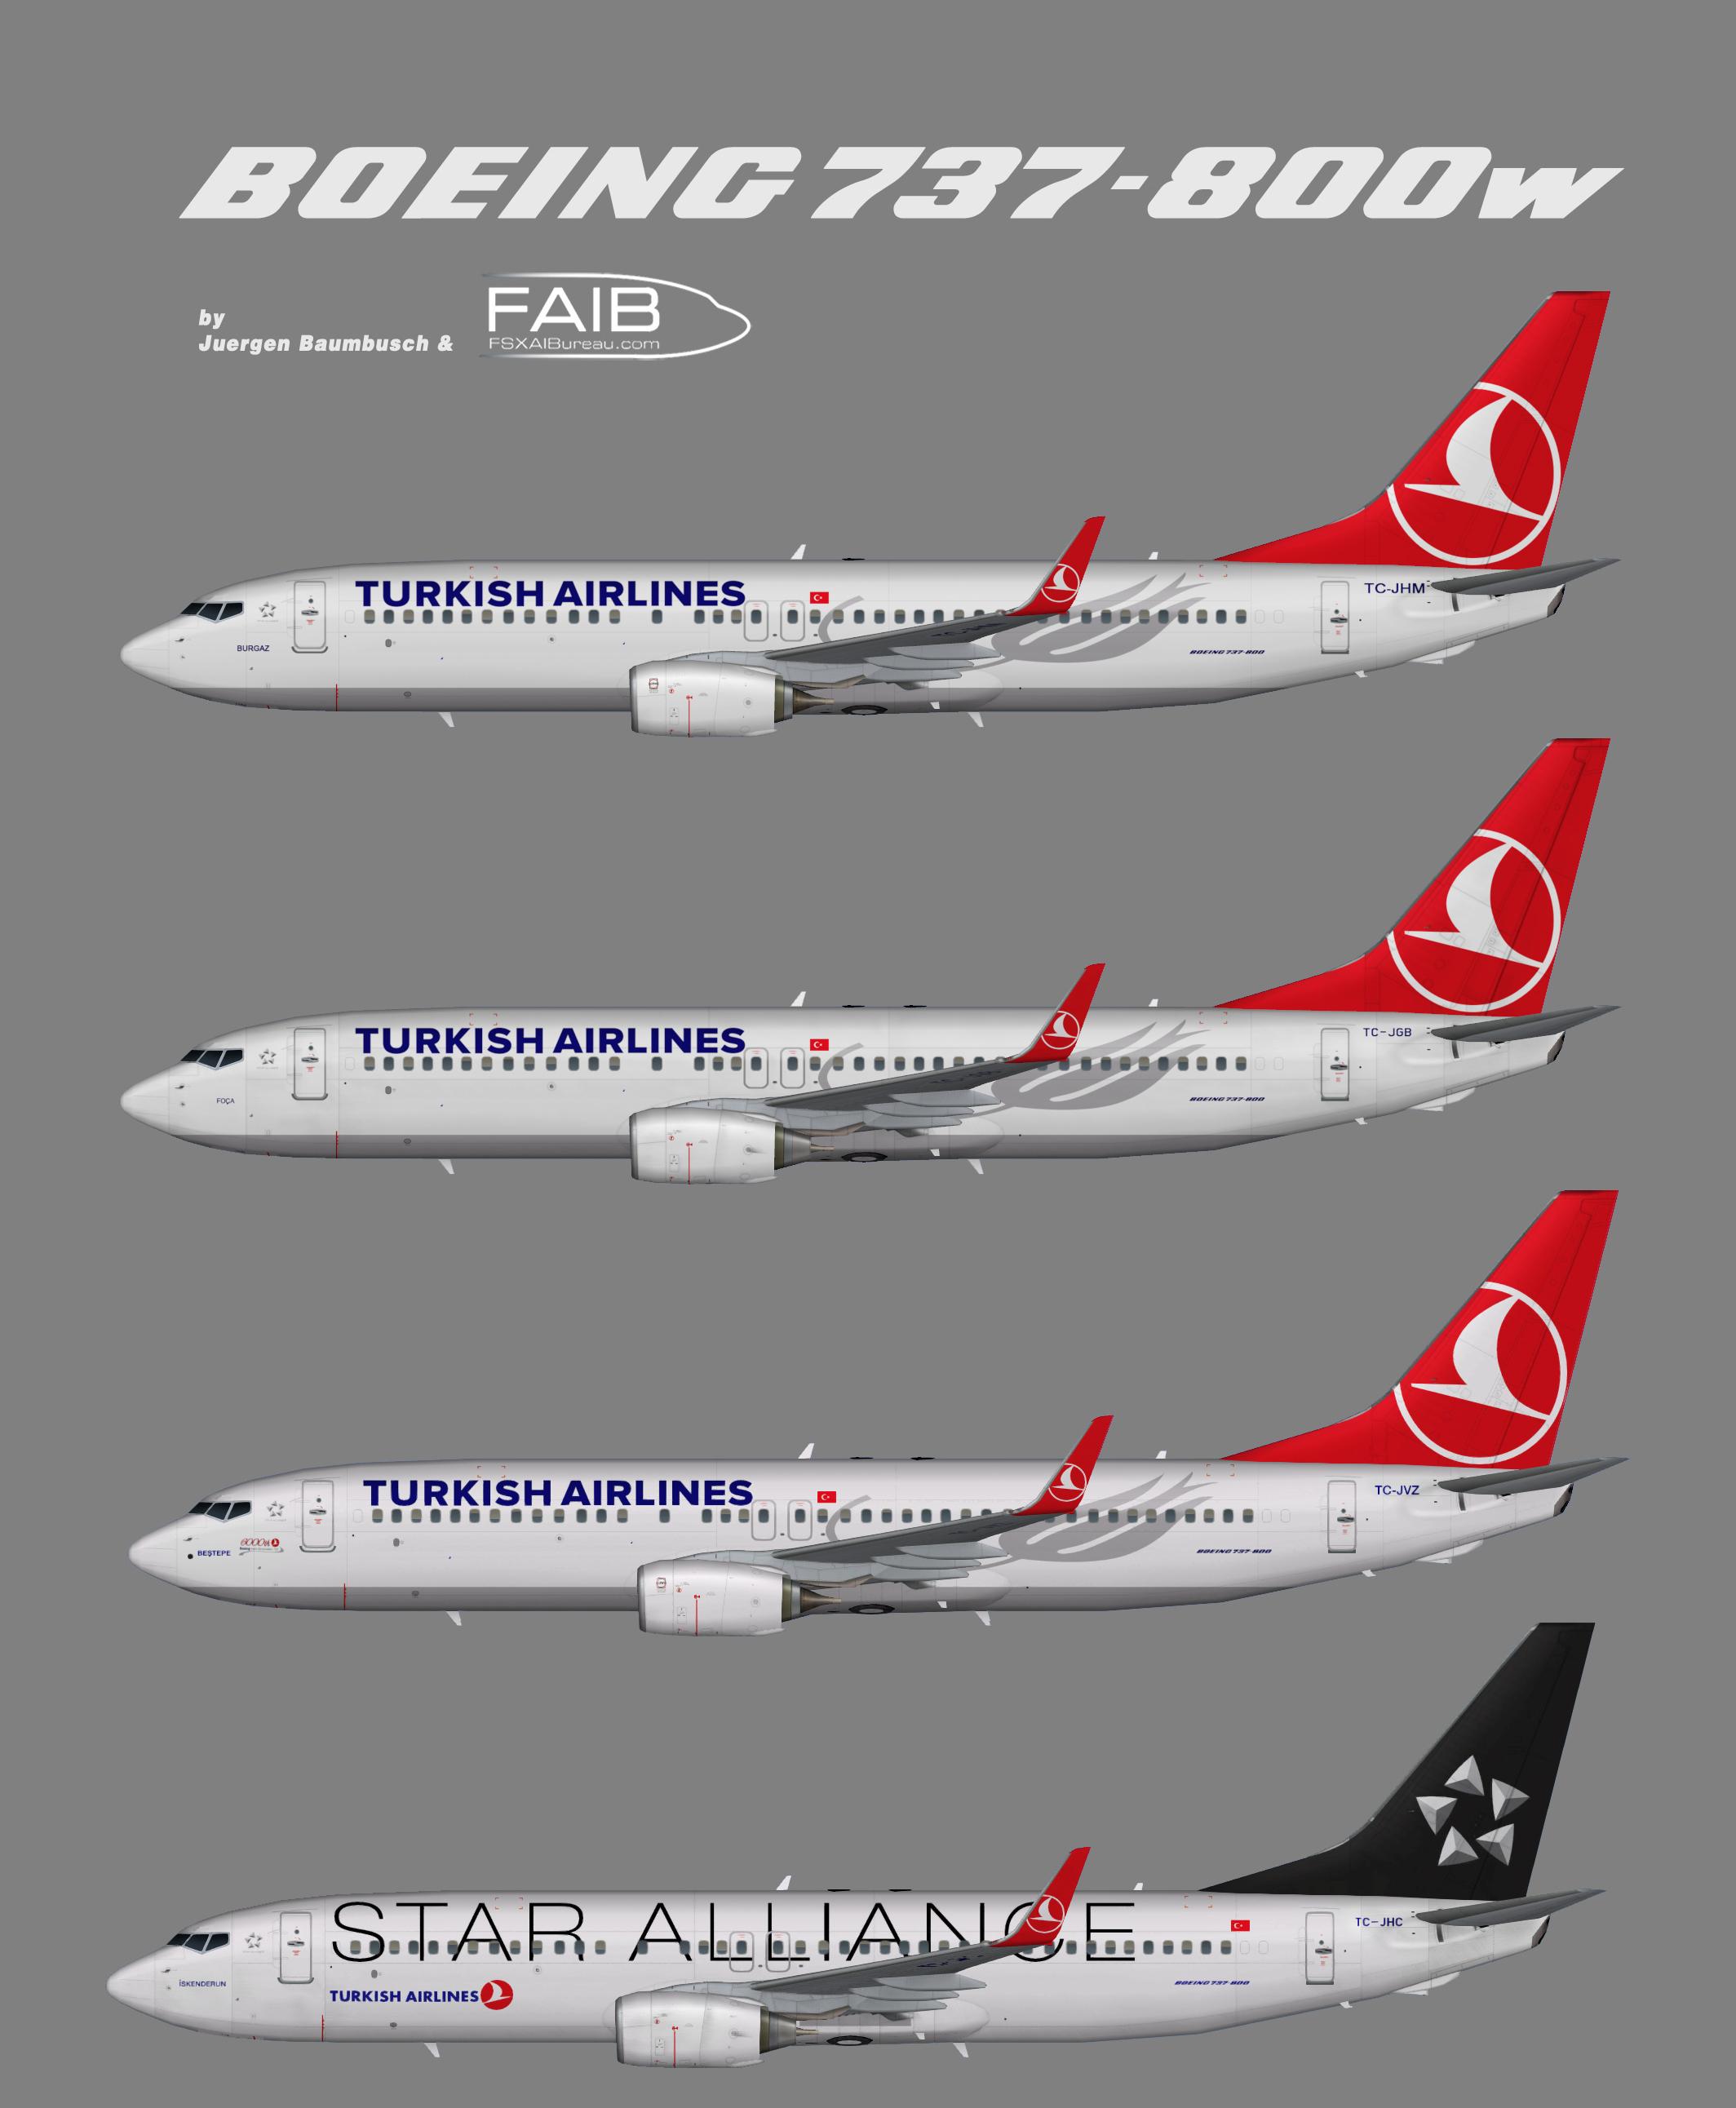 Turkish Airlines Boeing 737-800w